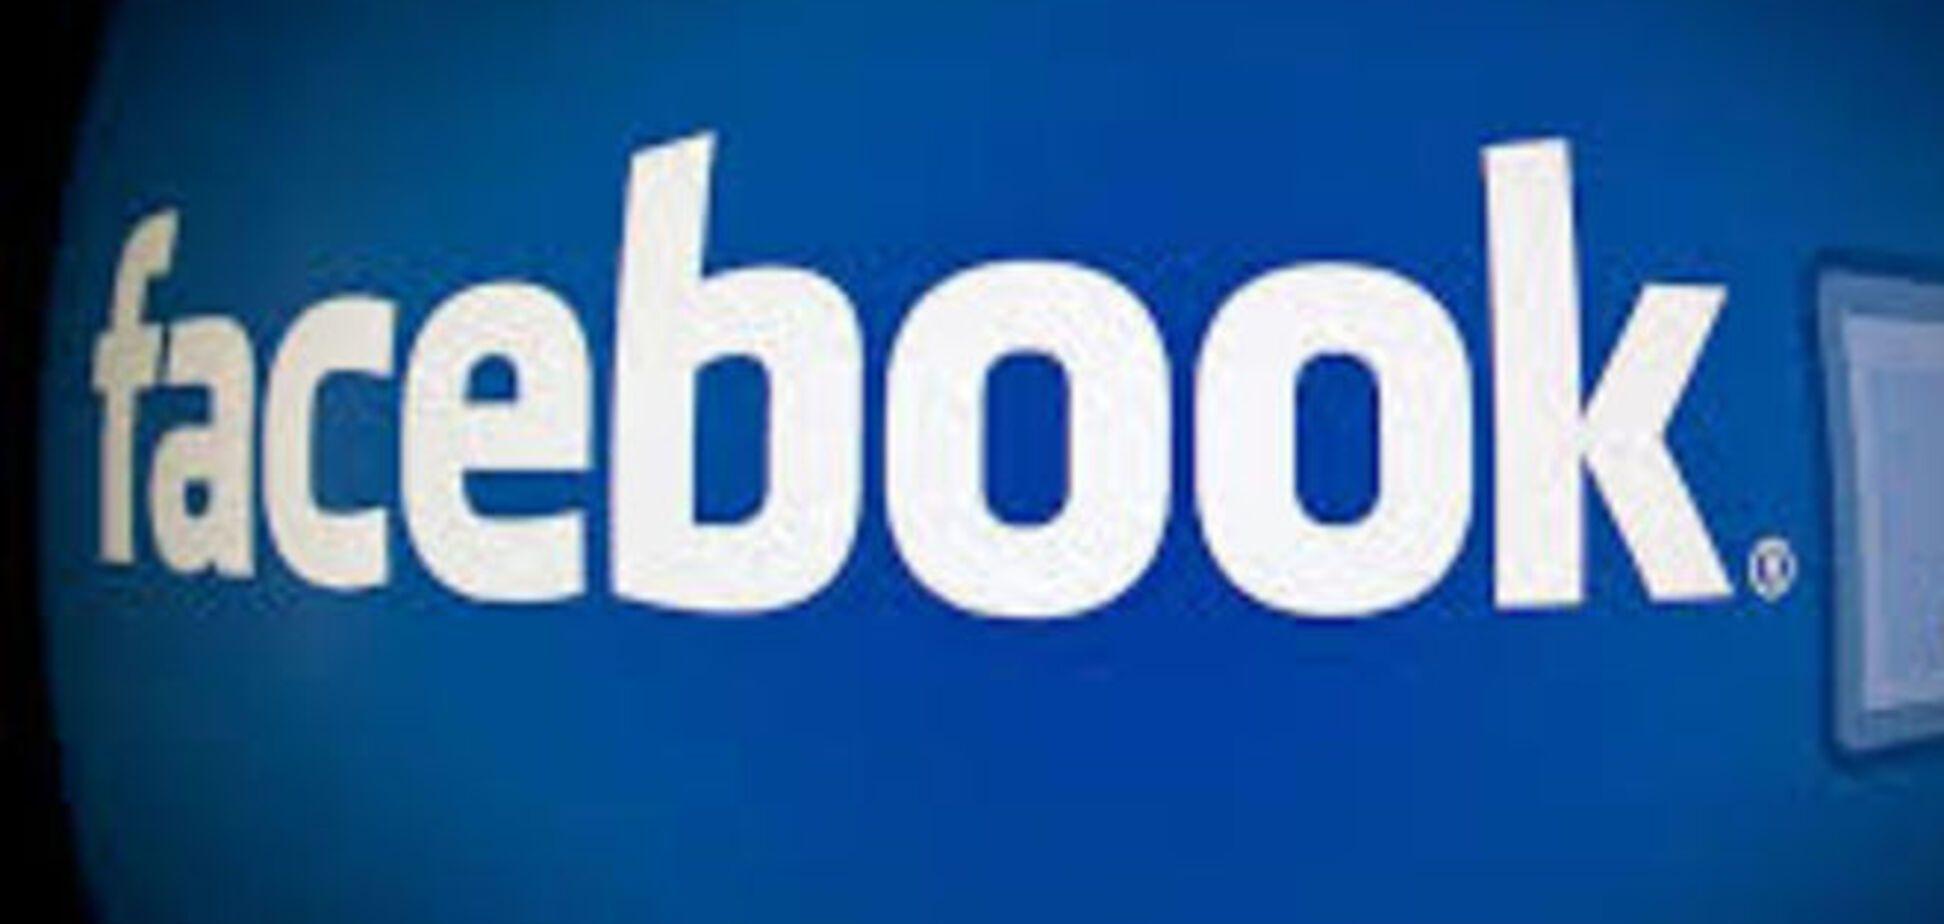 Фейсбук - сборище пенсионеров, которые мигрировали с Одноклассников